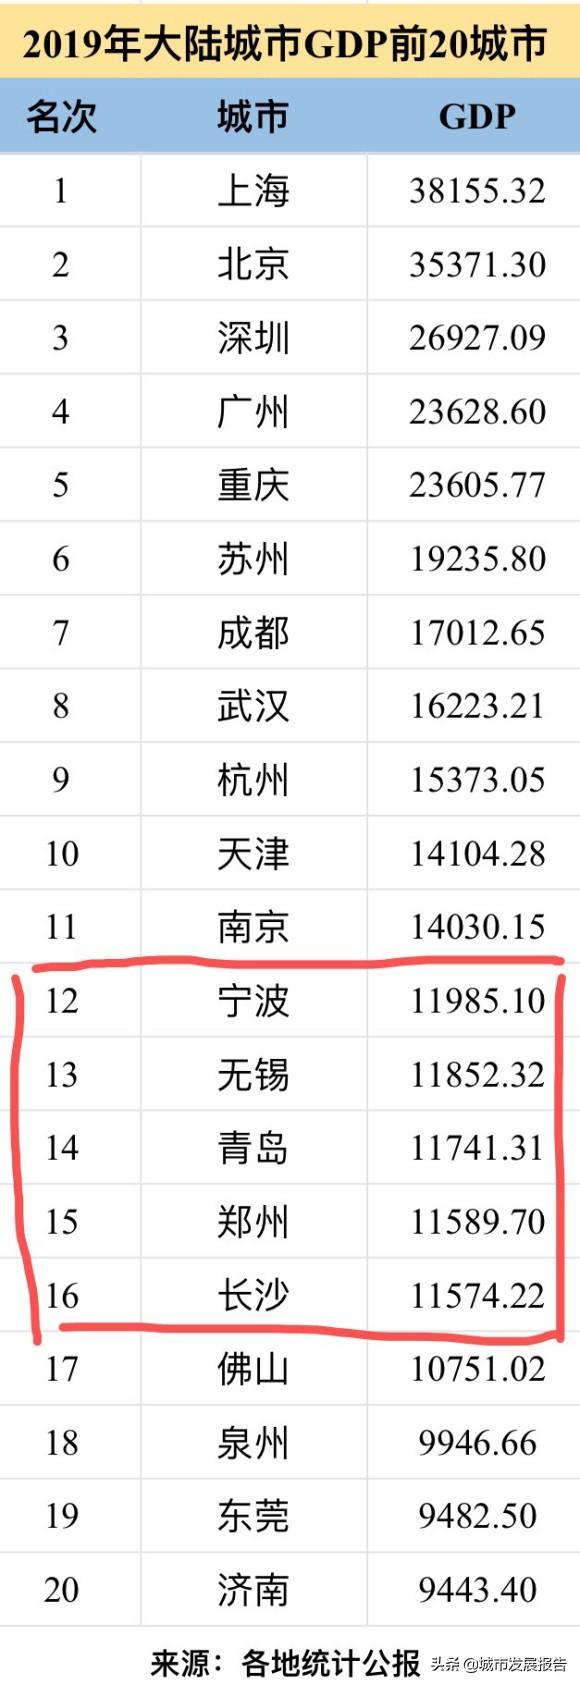 上海验证徐汇白妃 :是什么让您还坚持在你所在的城市?又会持续多久呢?